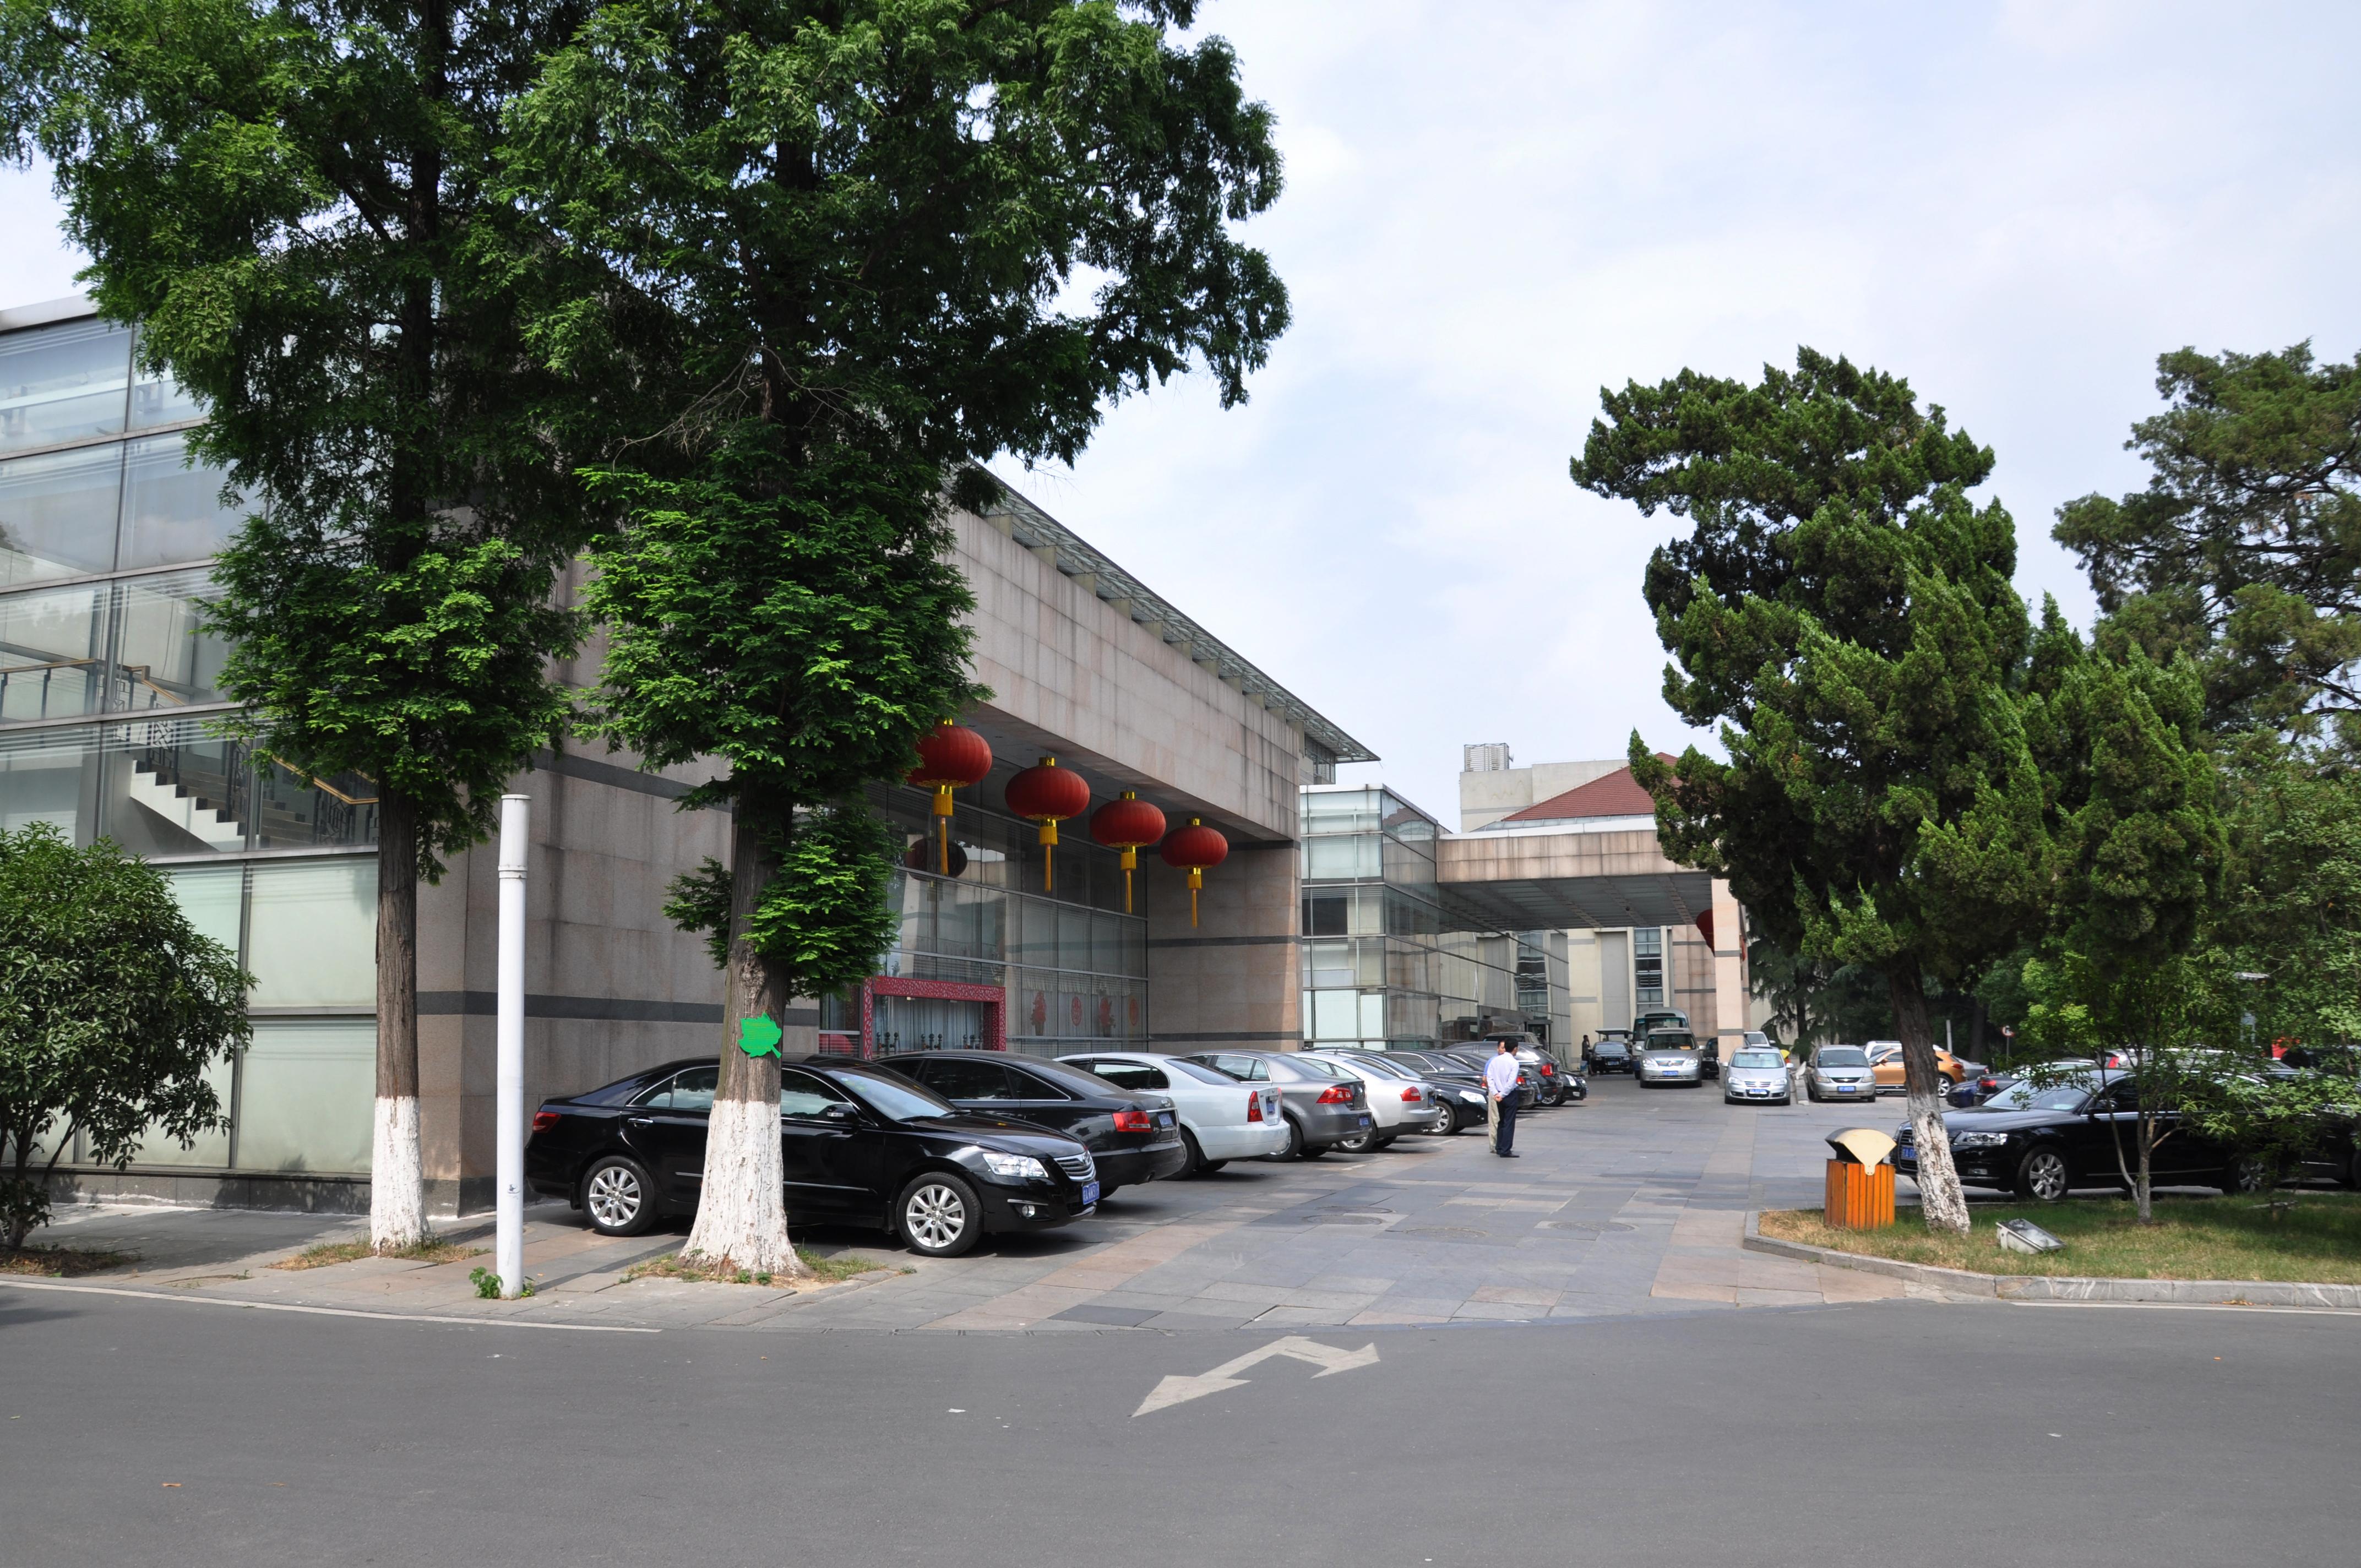 稻香楼宾馆东楼有各种不同风格的会议室19个。有容纳600人的大会礼堂1个,容纳100人的大会议室1个,容纳50-60人的中型会议室2个,容纳30-50人的小型会议室15个。